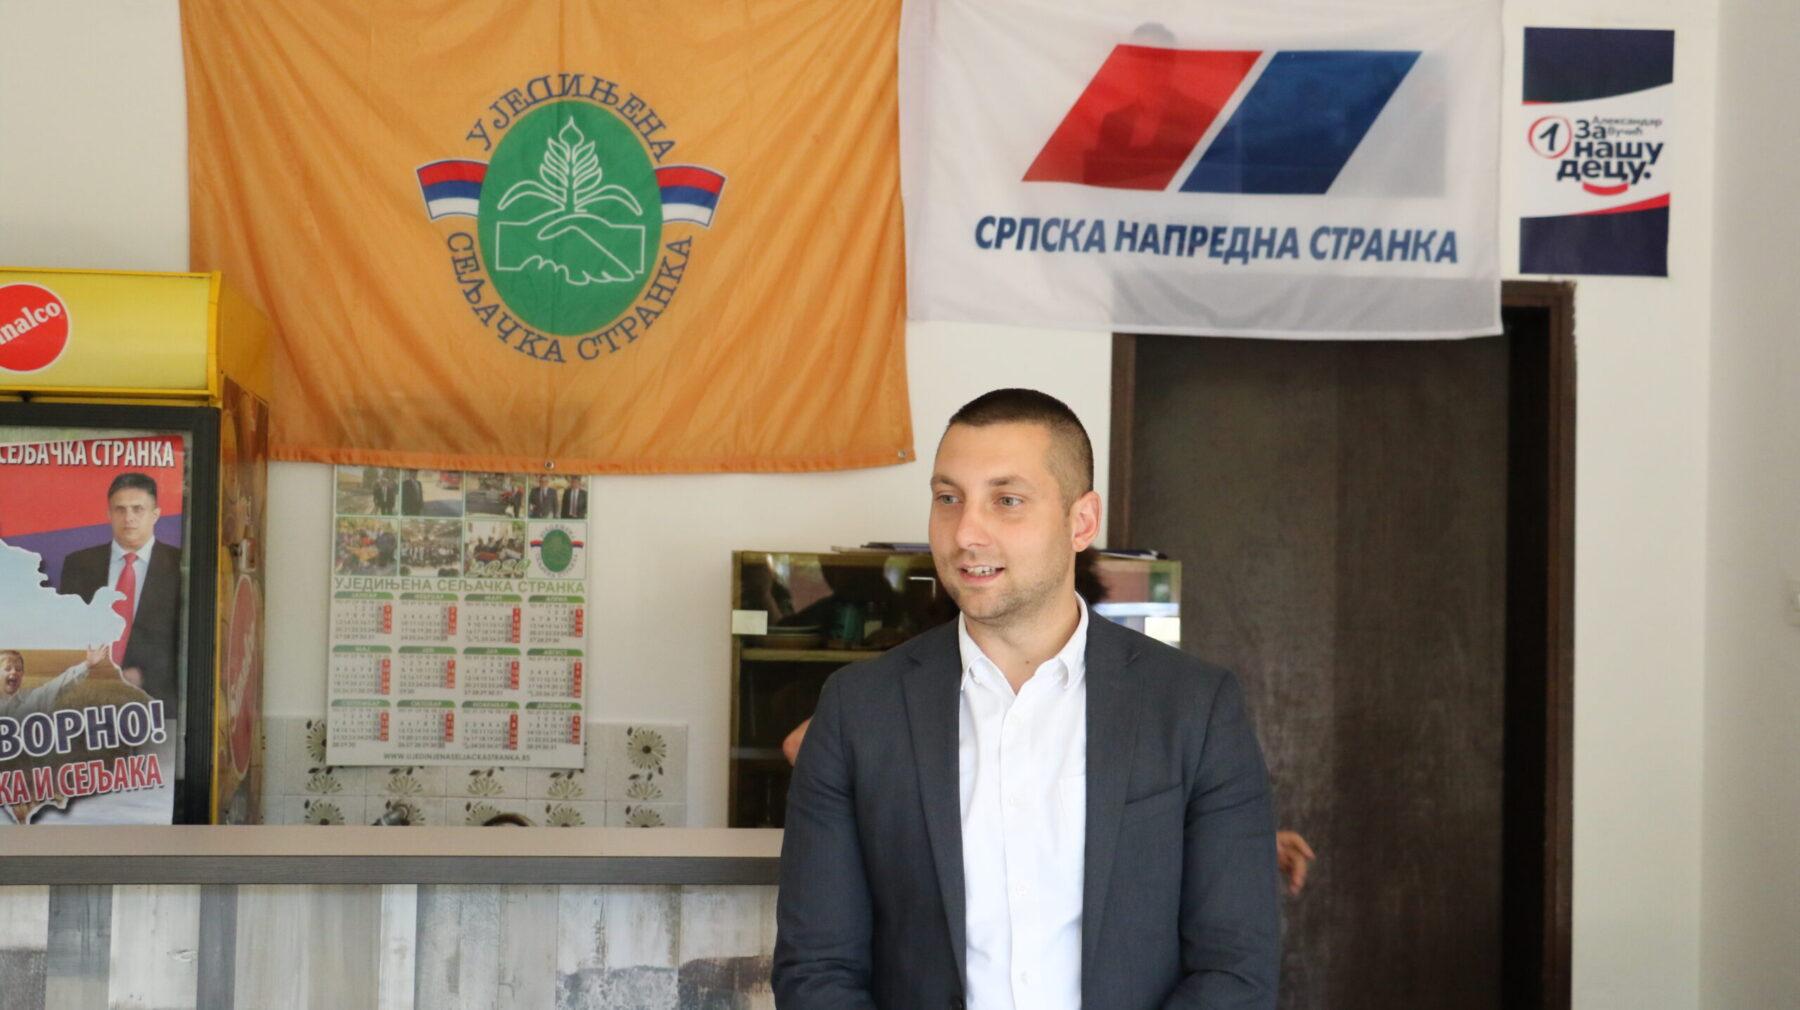 Мирослав Марковић, фото: М.М.